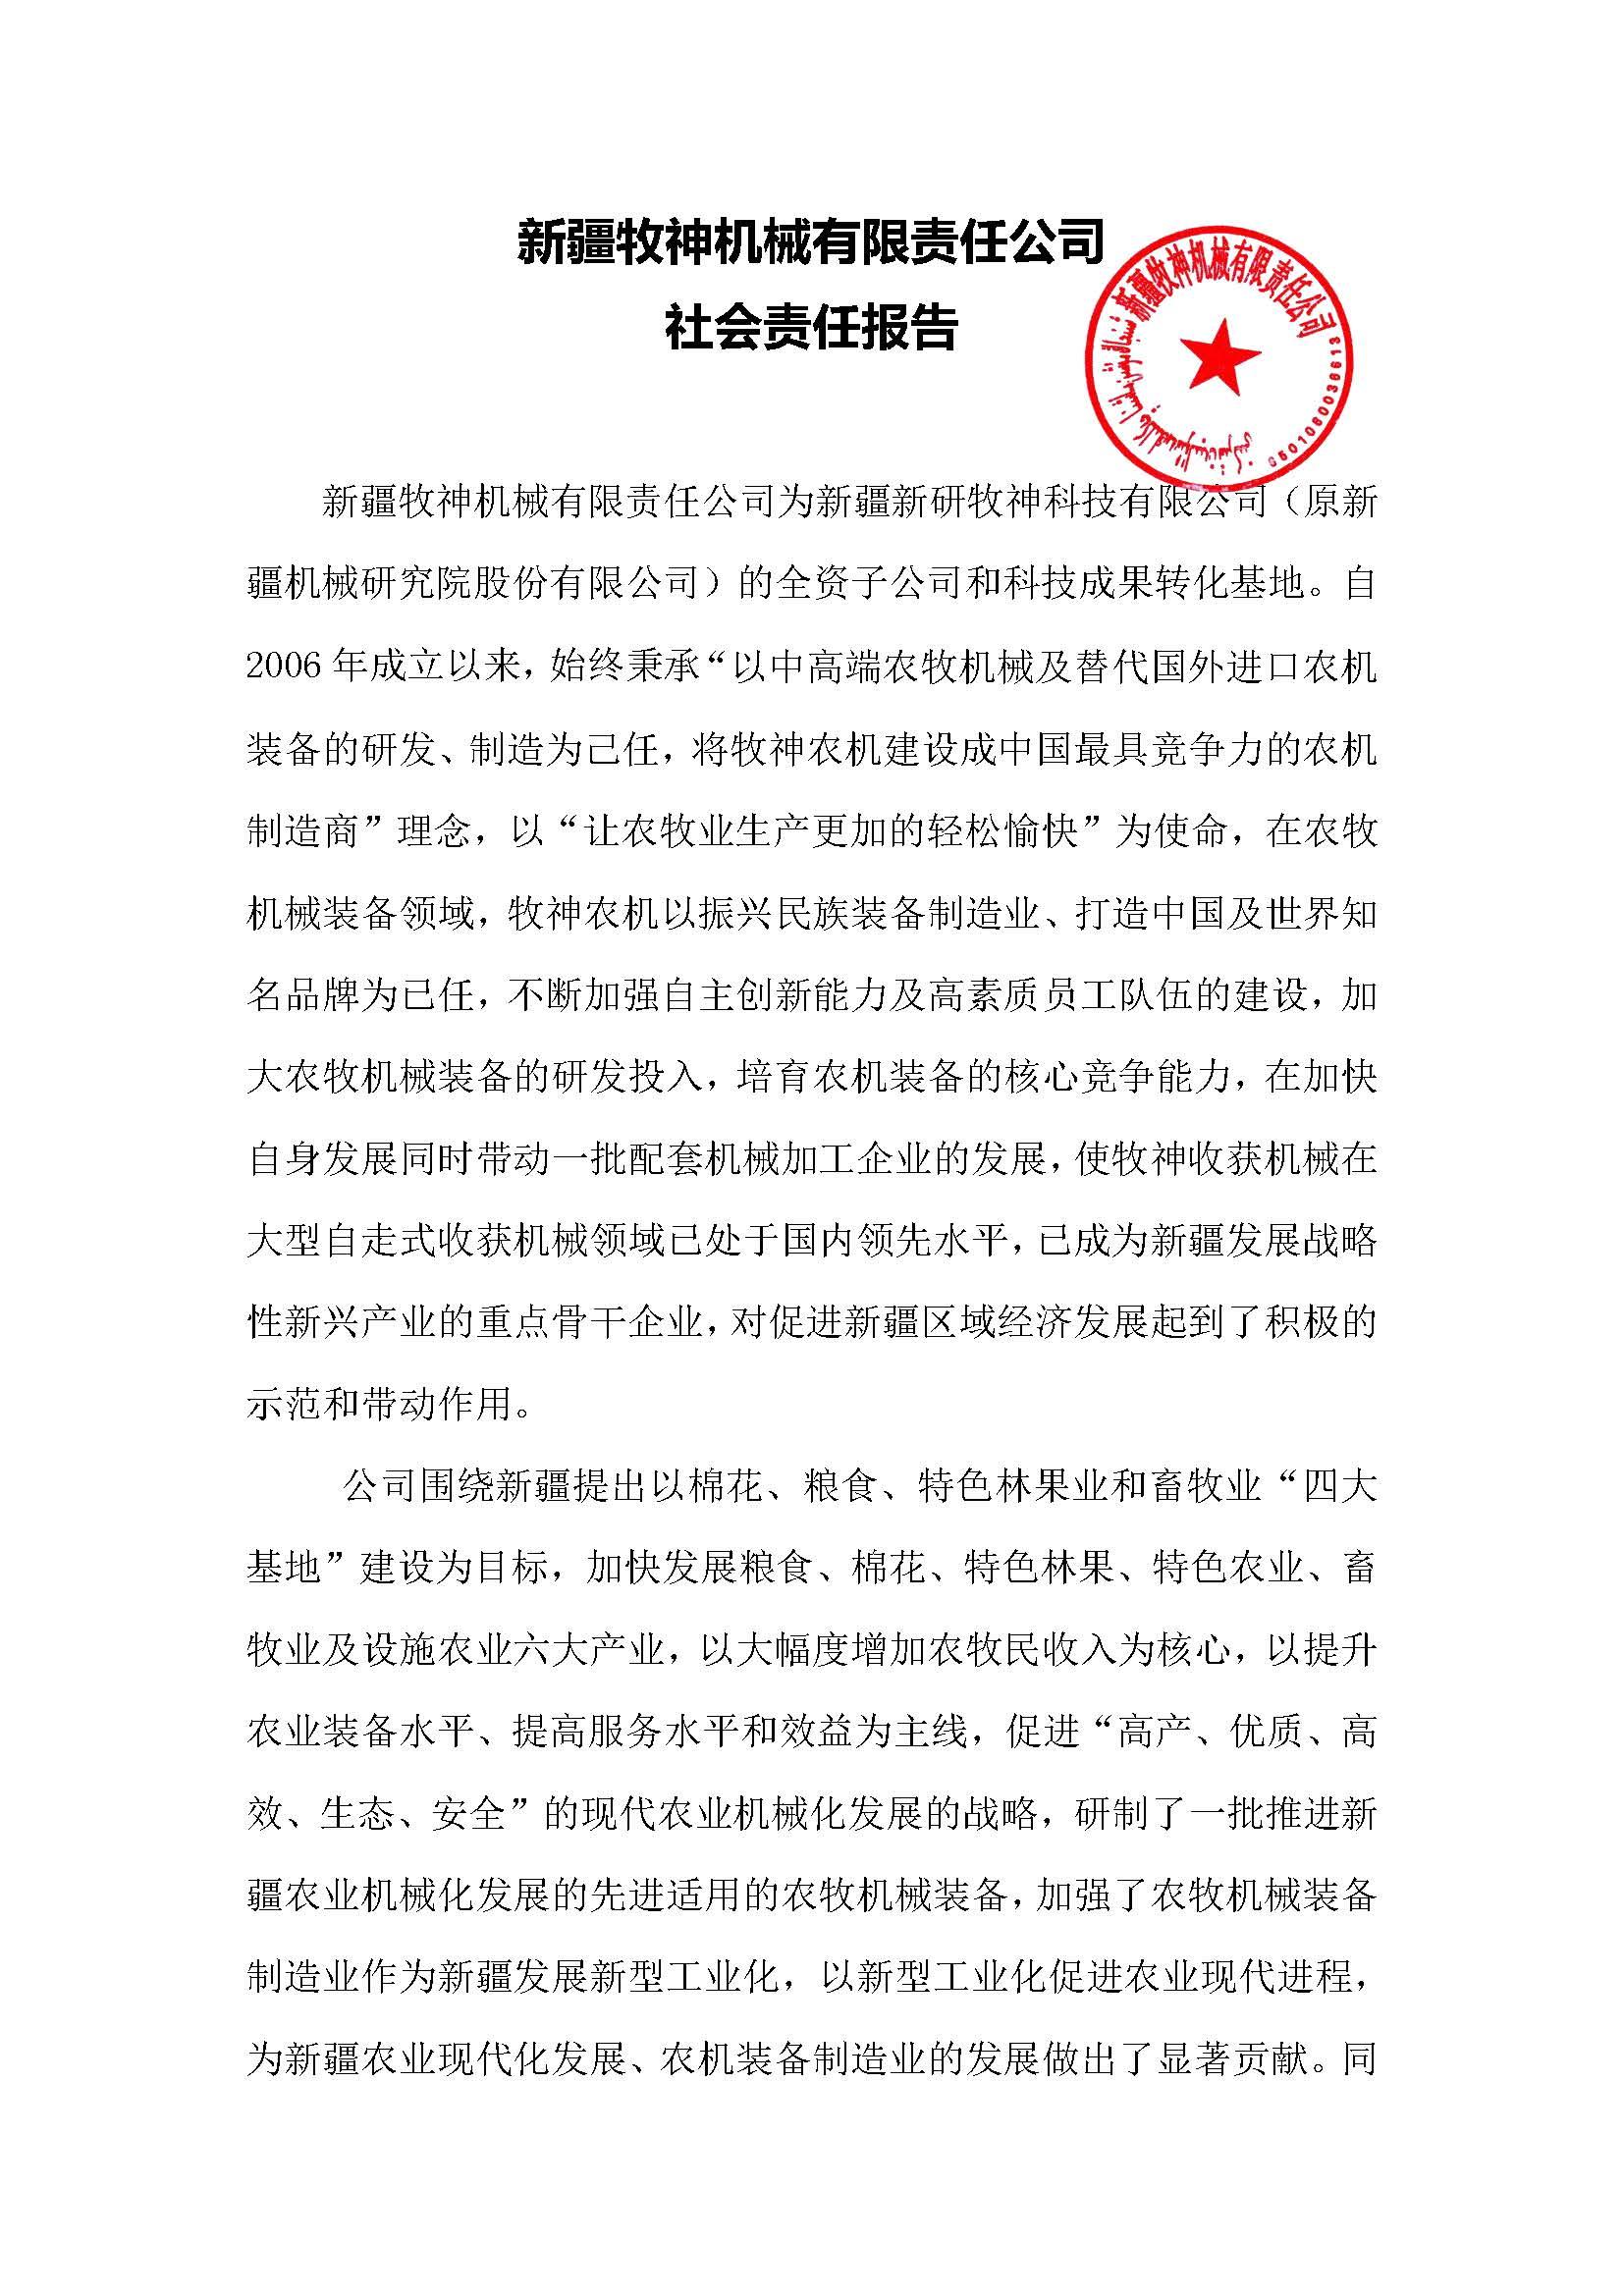 新疆牧神机械有限责任公司 社会责任报告